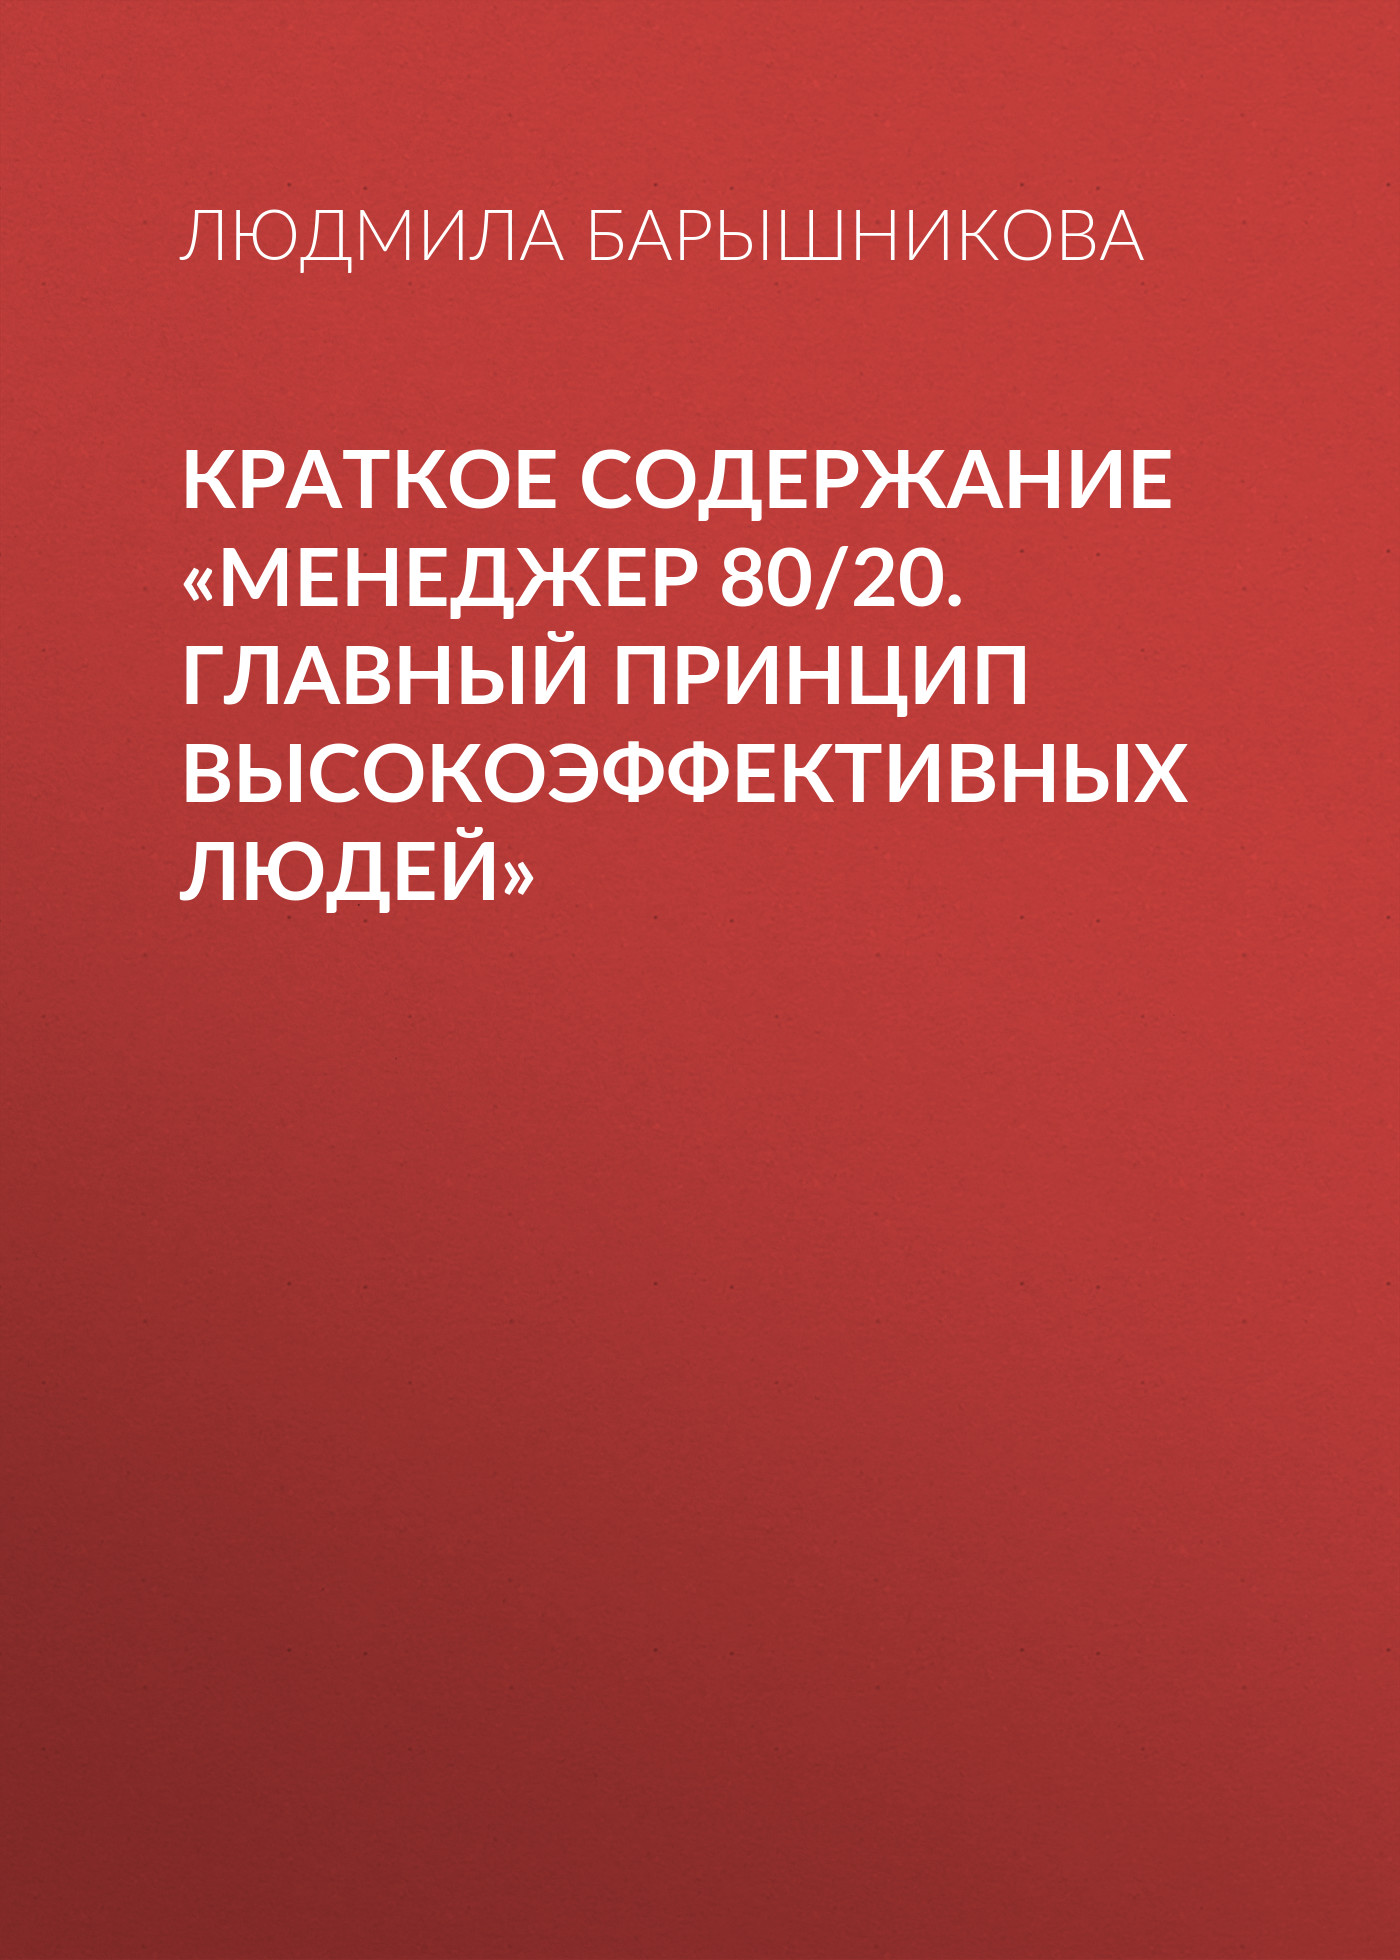 Людмила Барышникова Краткое содержание «Менеджер 80/20. Главный принцип высокоэффективных людей» ричард кох менеджер 80 20 главный принцип высокоэффективных людей